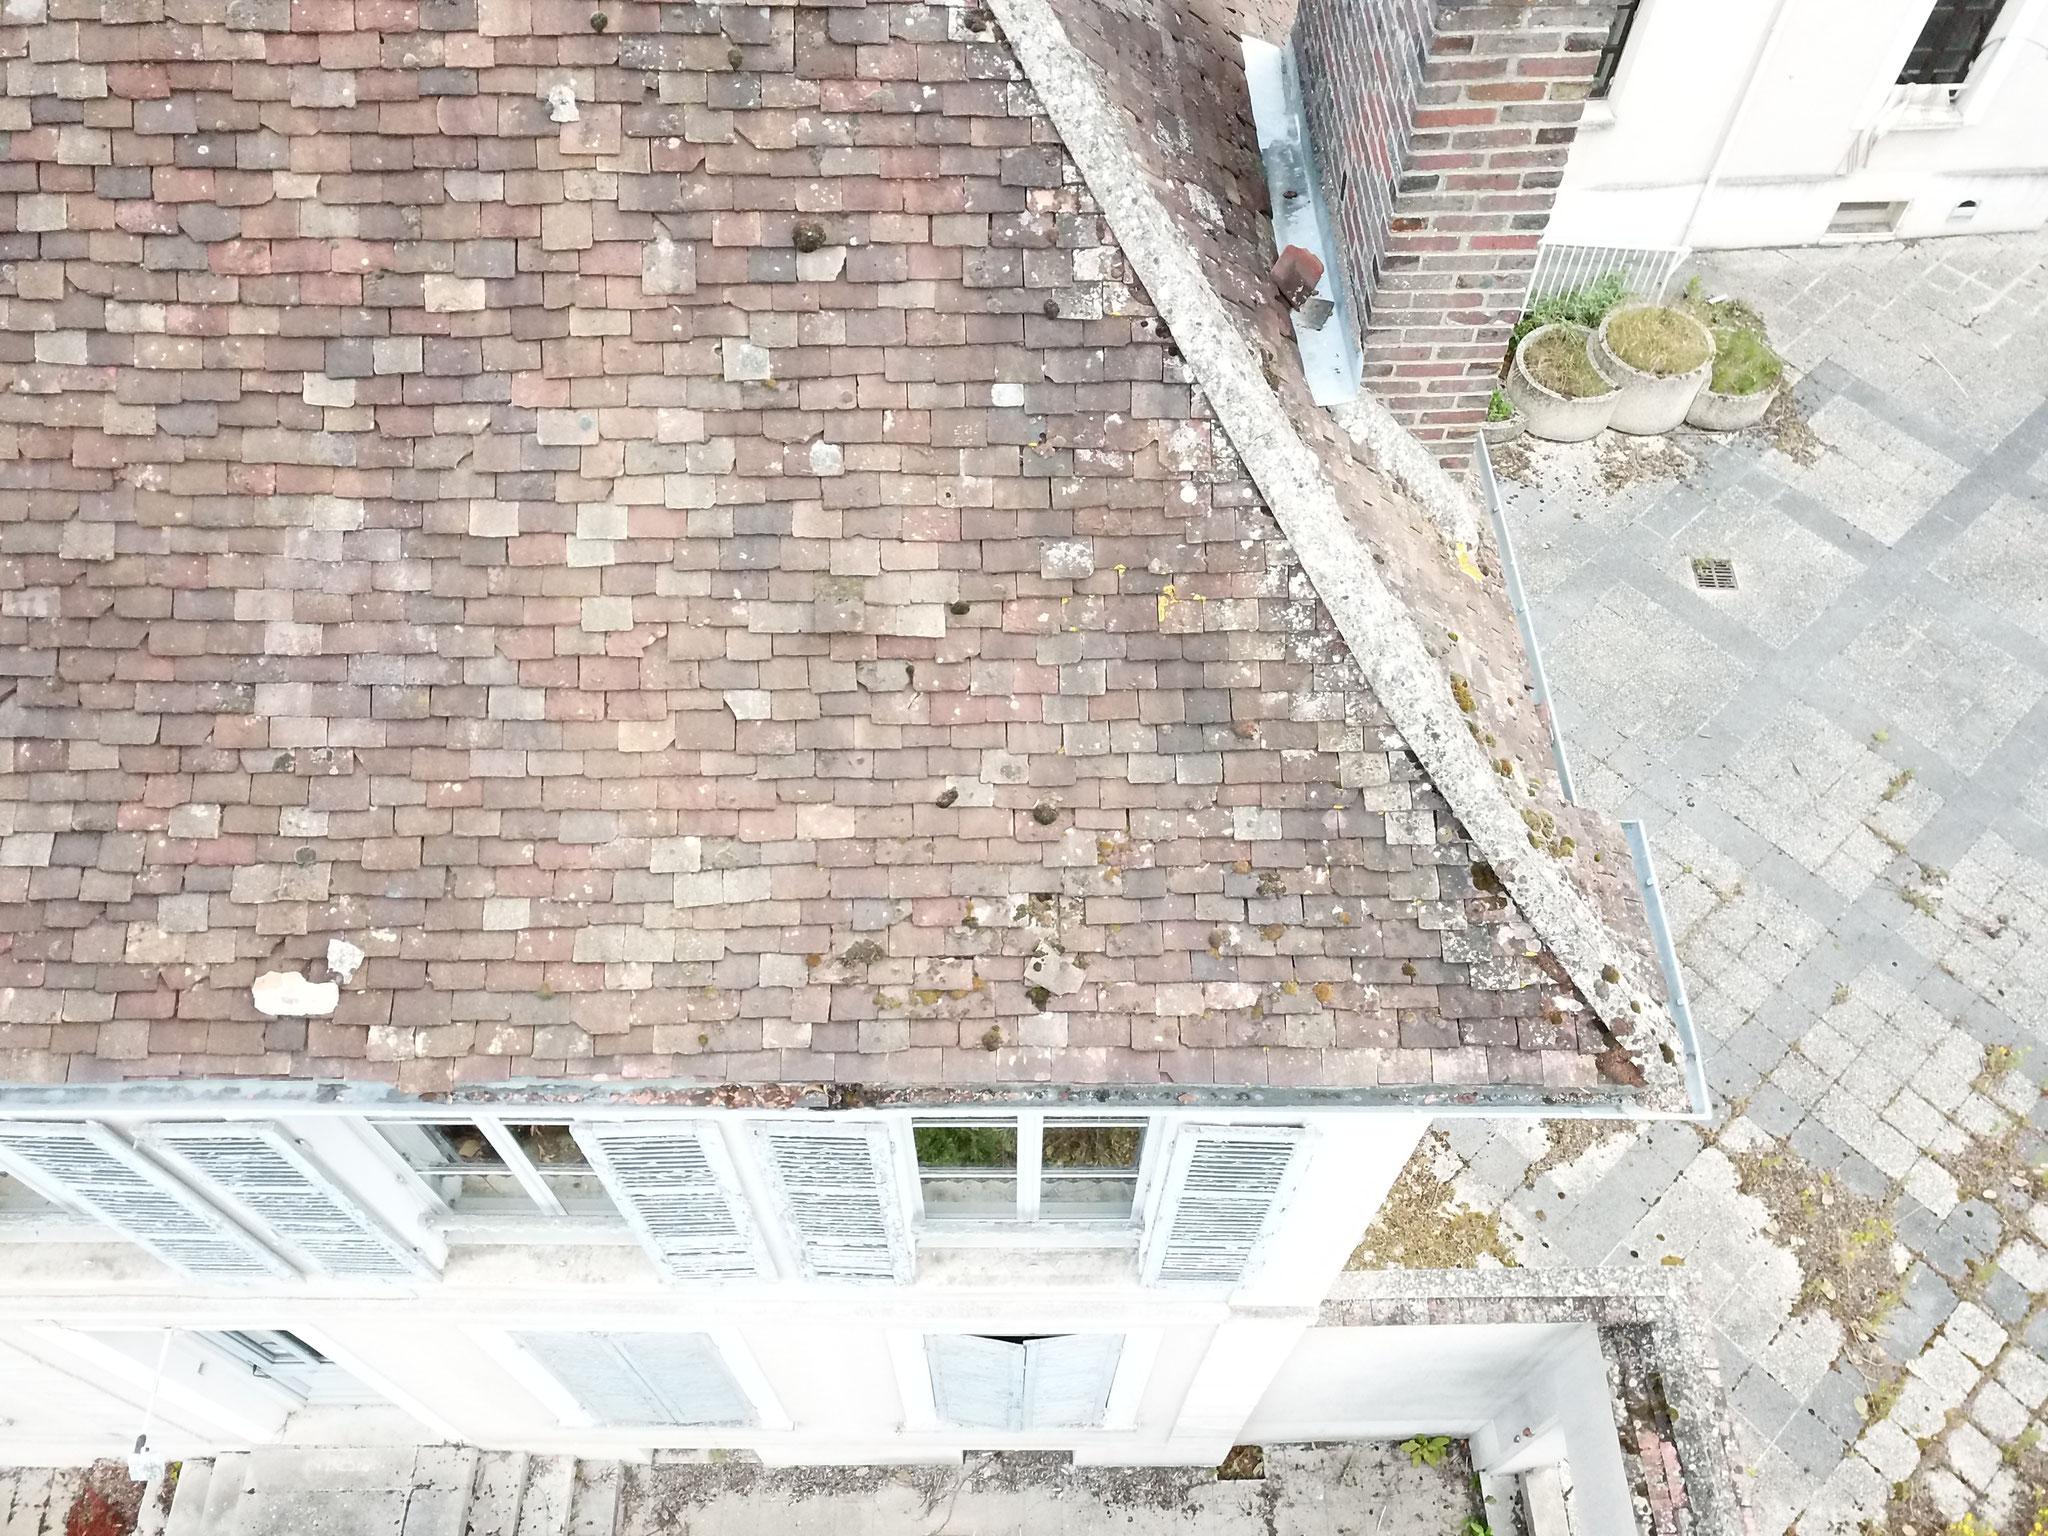 Altération de la toiture : déterminer l'âge d'une maison lors d'une visite avant achat